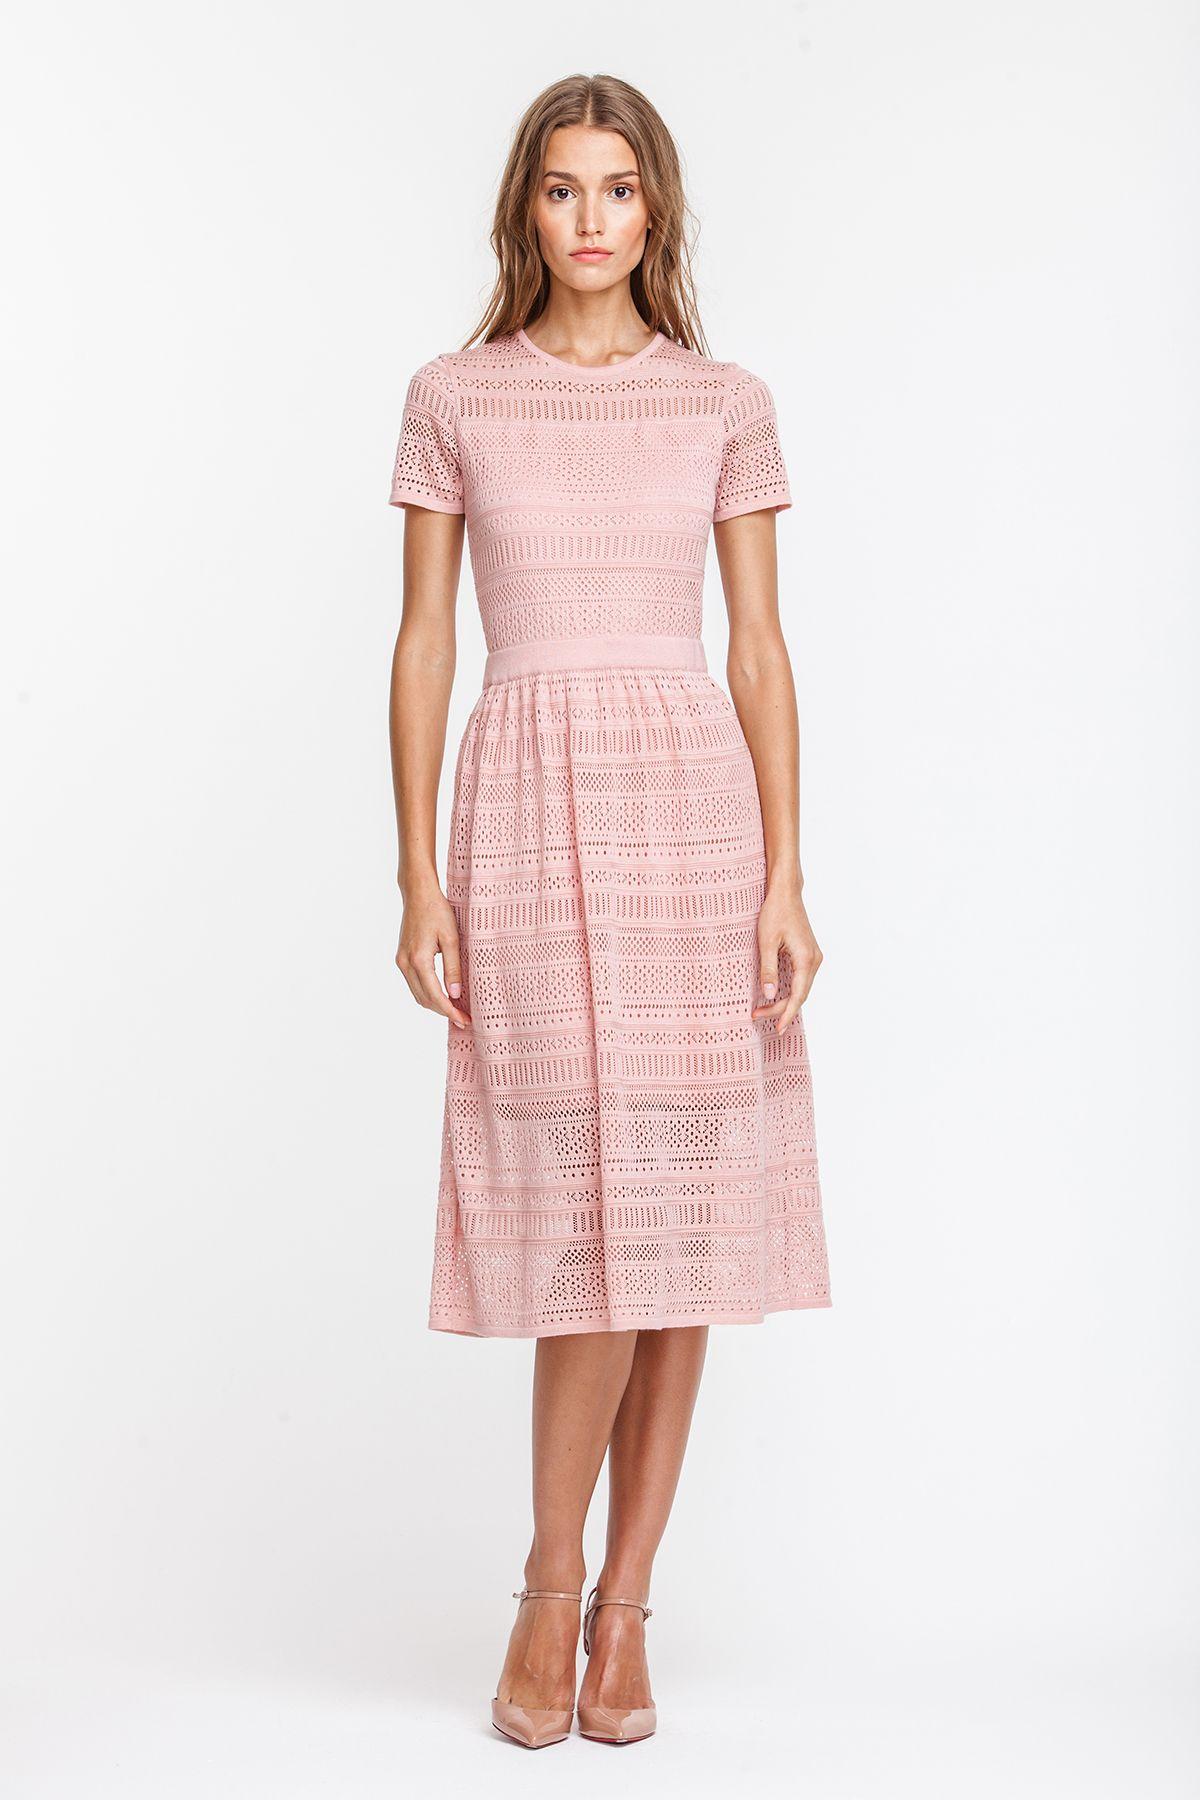 f5cec556a 2724 Платье вязаное пудрового цвета, ниже колена, юбка в cборочку купить в  Украине,